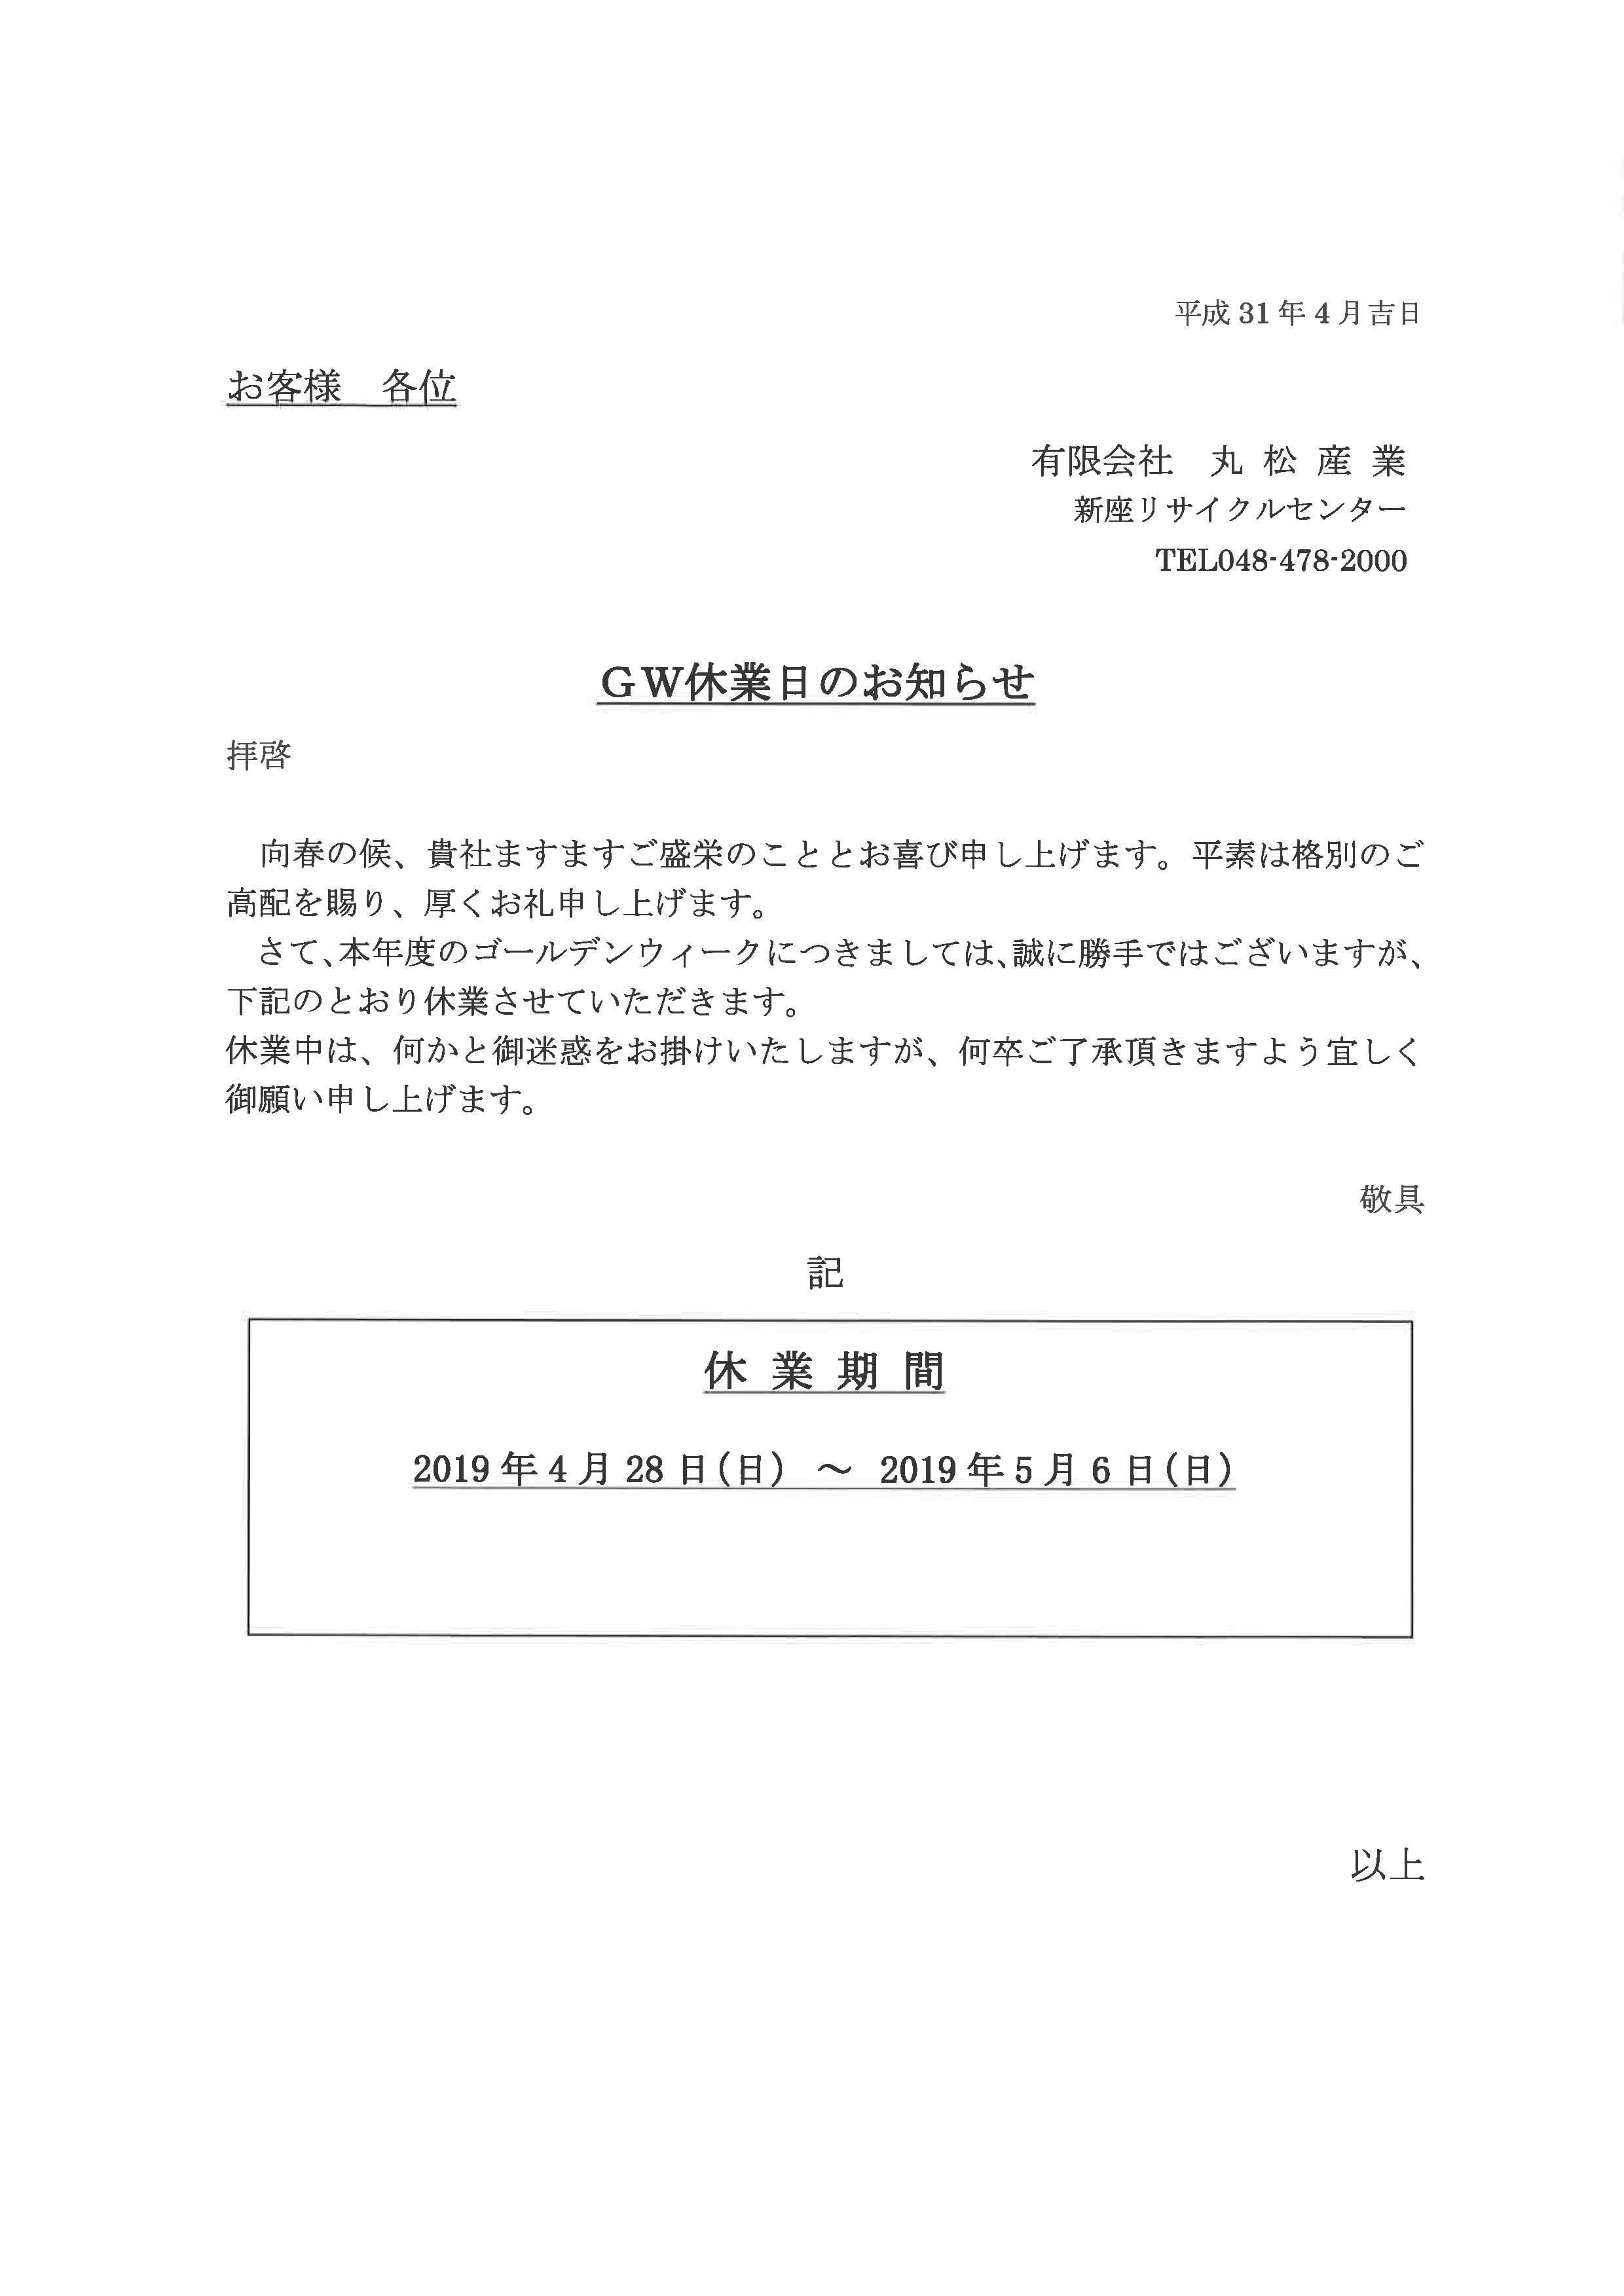 【4/28~5/6】GW休業日のお知らせ